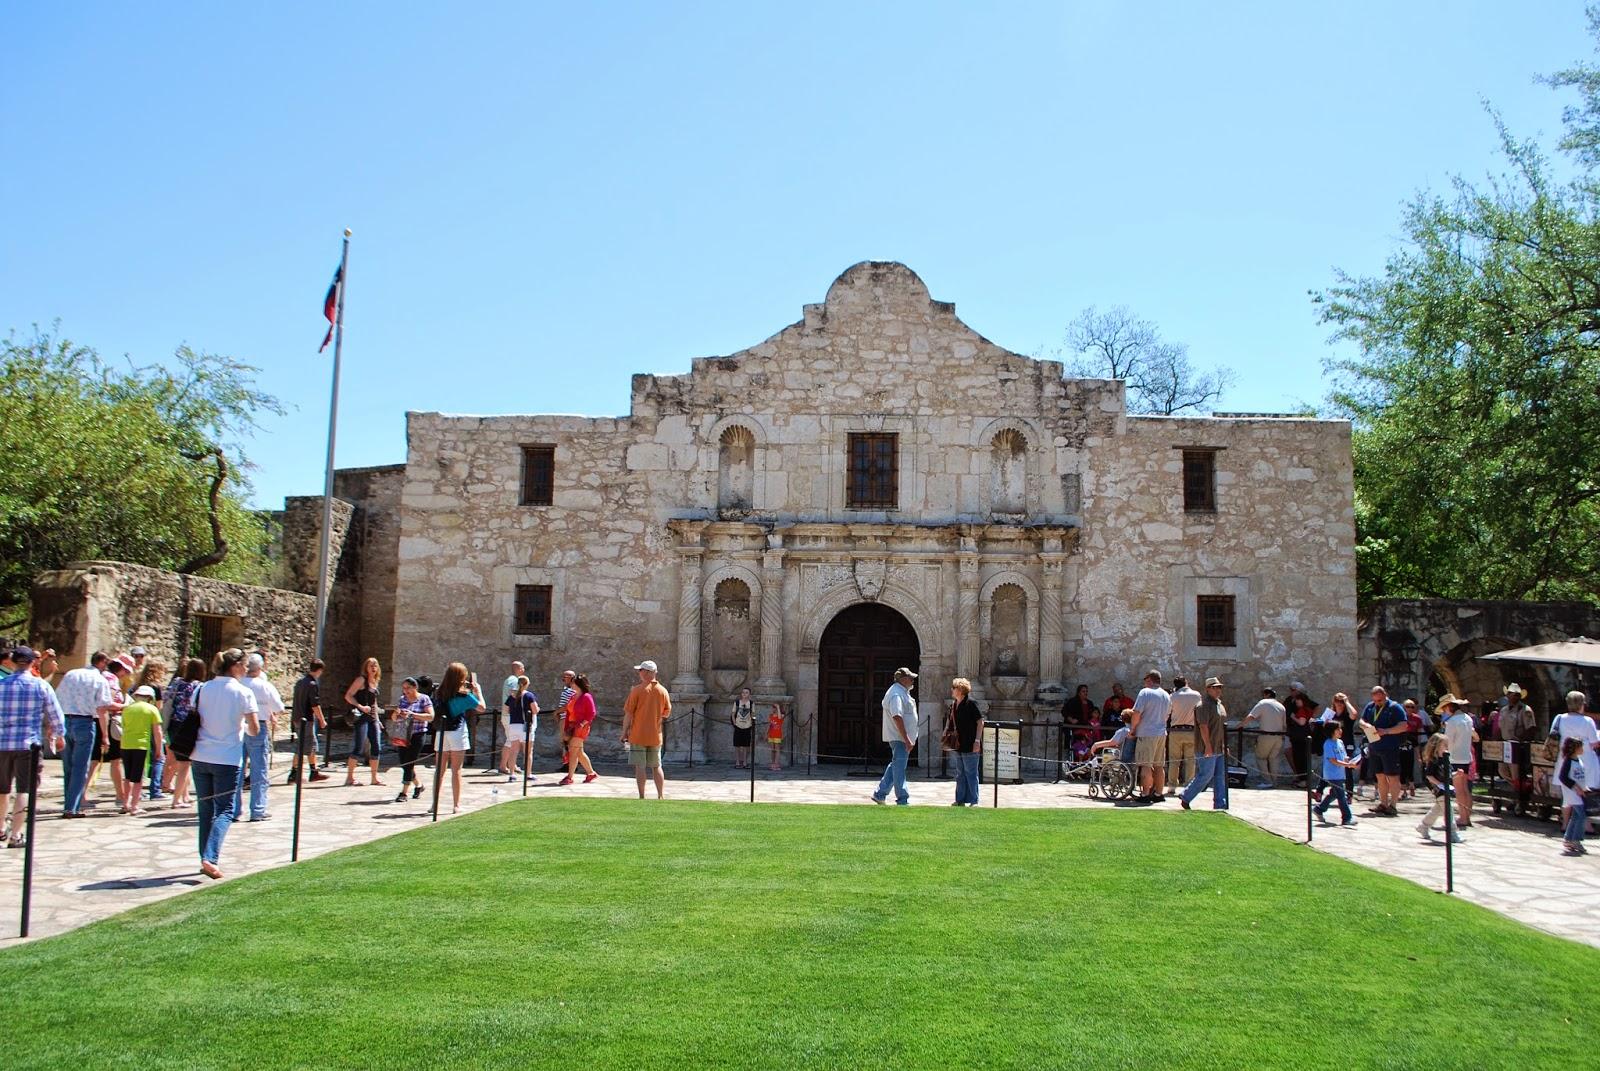 Petit tour du monde des favre texas partie 1 for How far is waco texas from houston texas